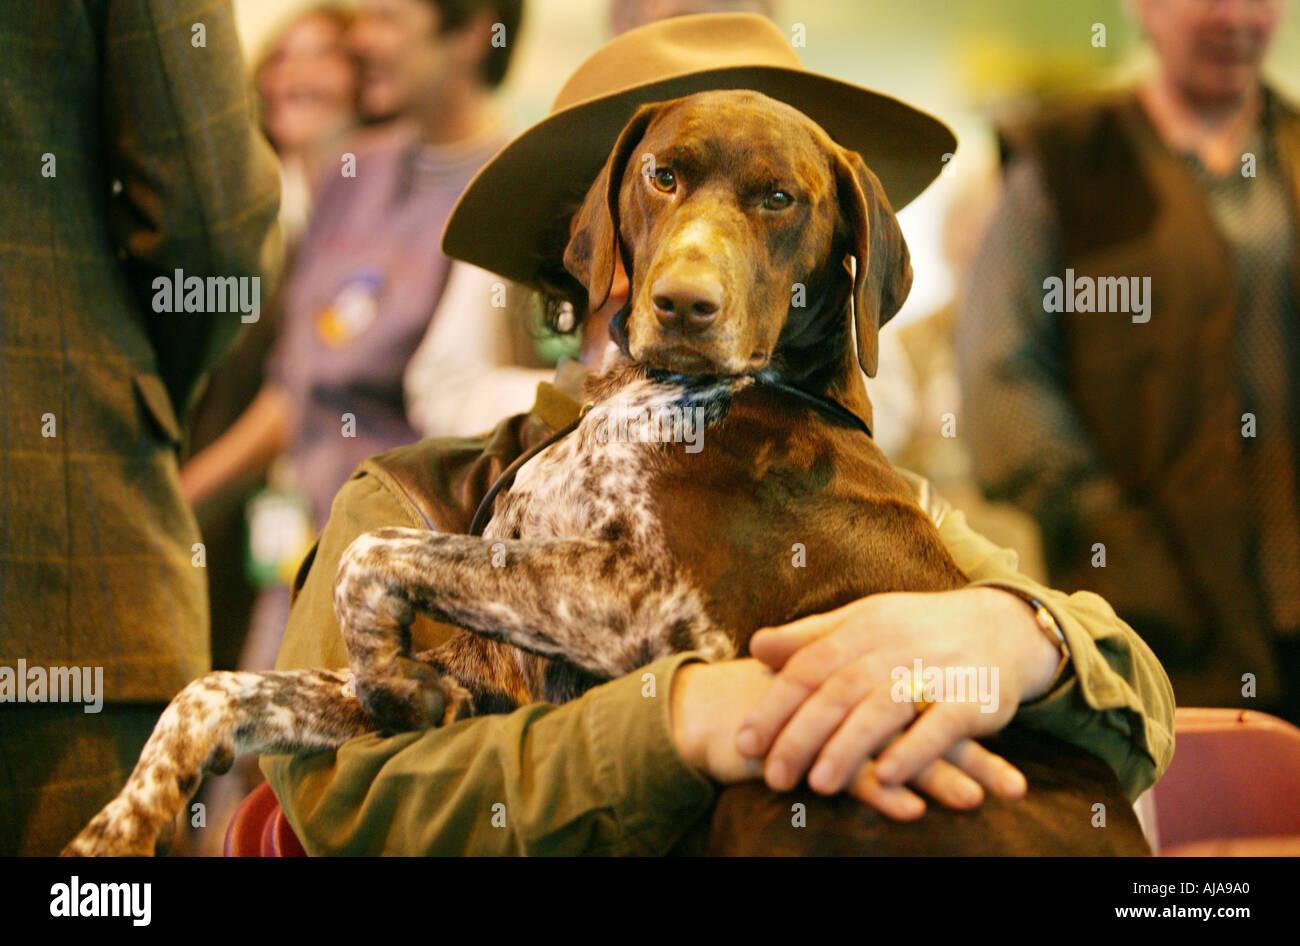 Un perro sentado en su regazo propietarios en Crufts en el National Exhibition Centre Birmingham UK Imagen De Stock